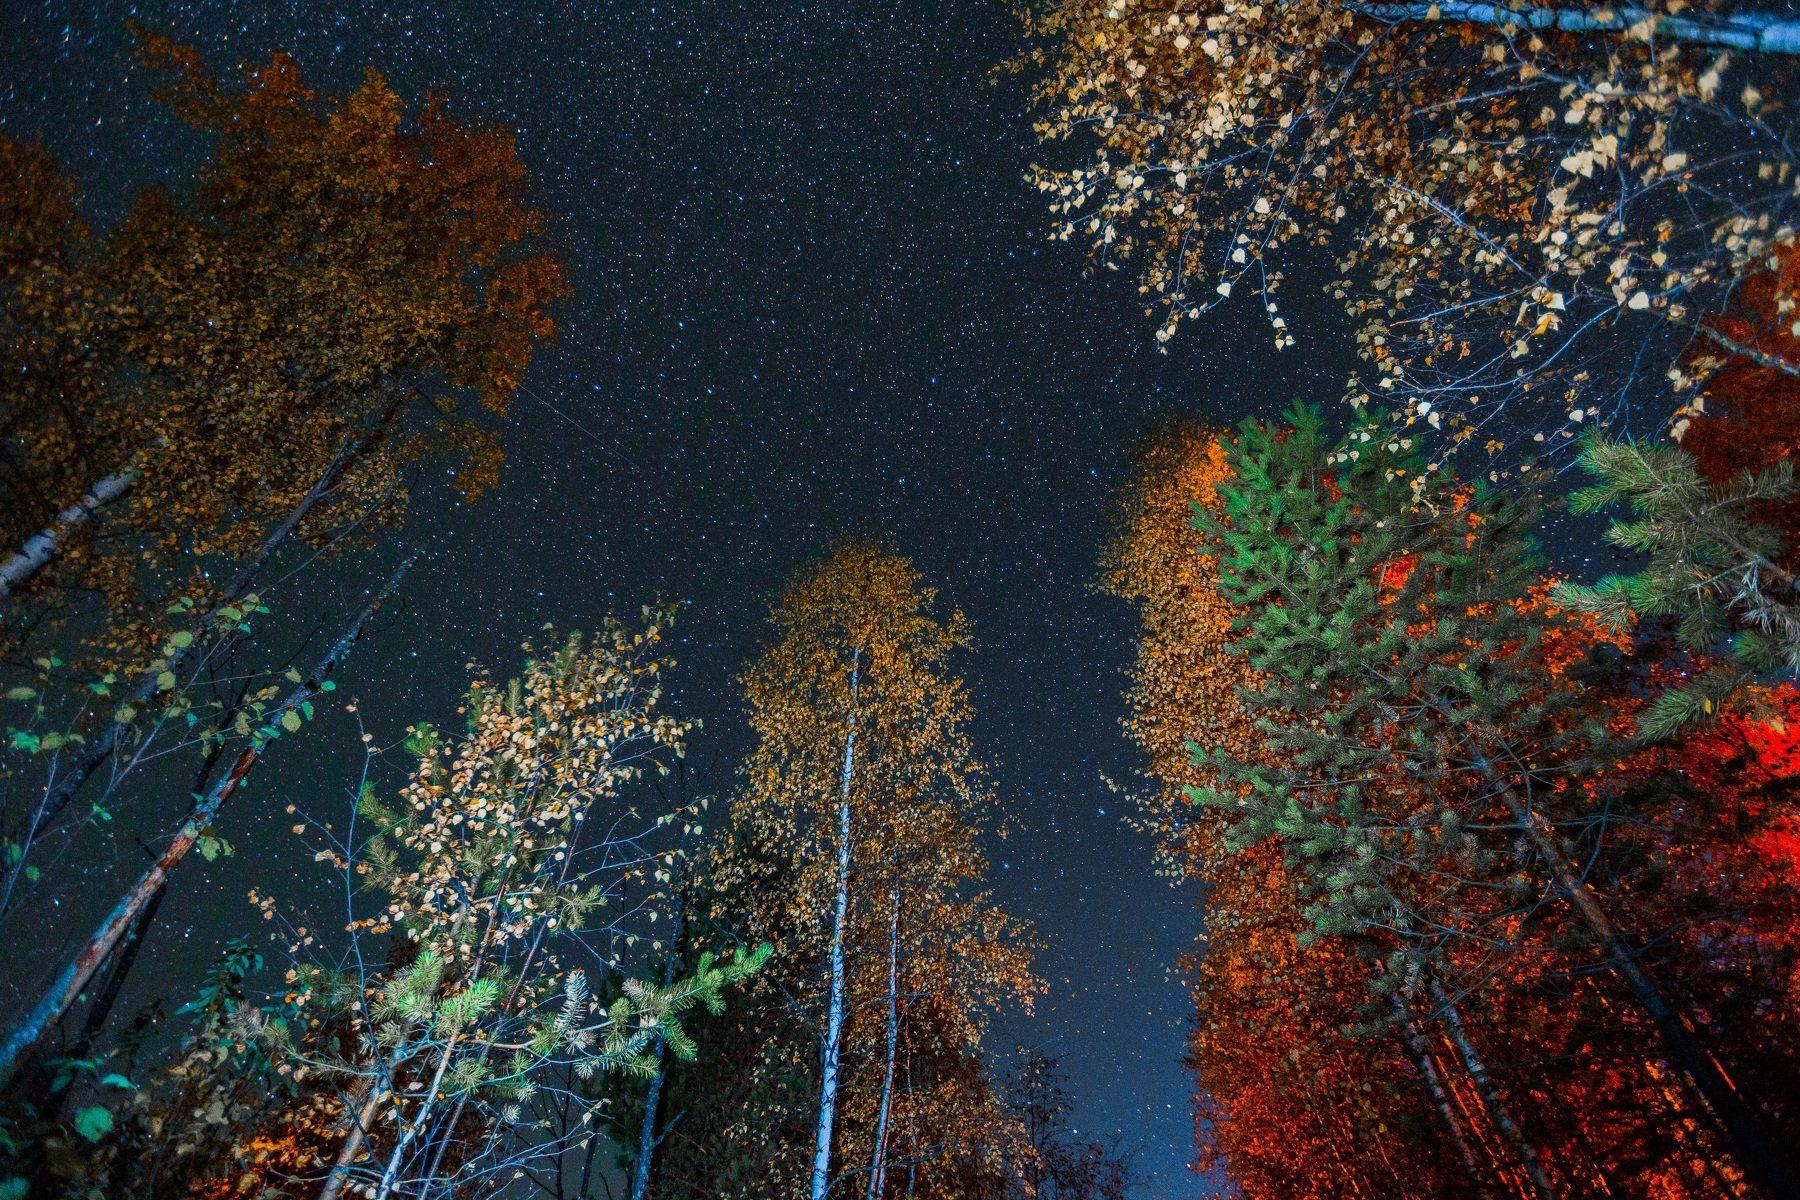 звёзды ночь астрономия вечер осень, Константин Миронов